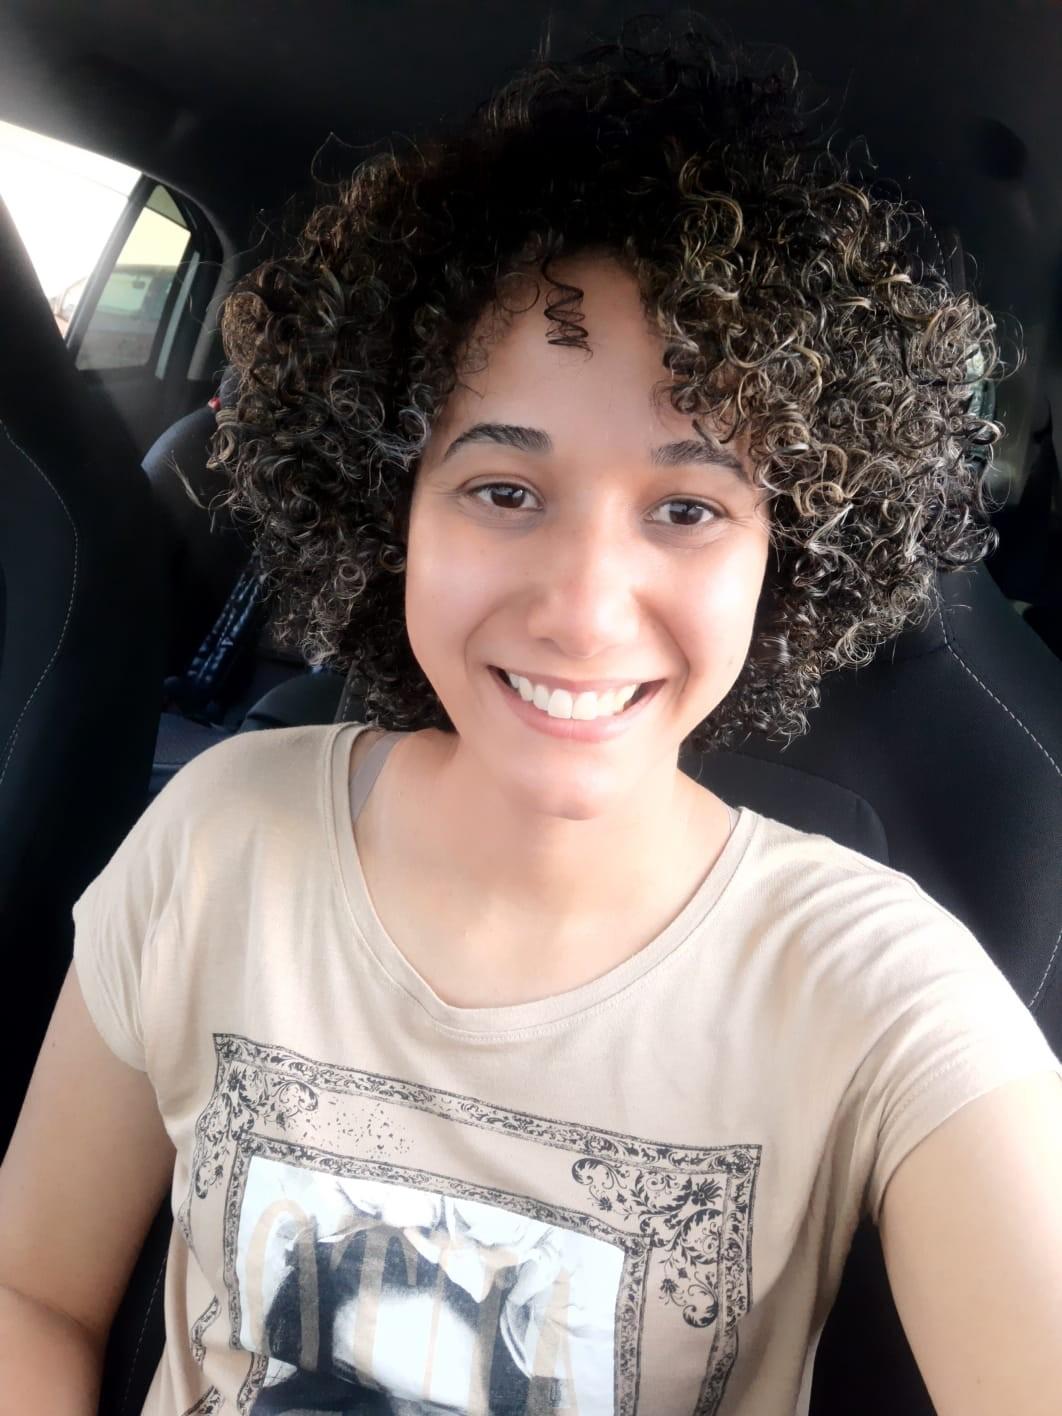 Família procura por jovem de 29 anos que desapareceu em Sorocaba